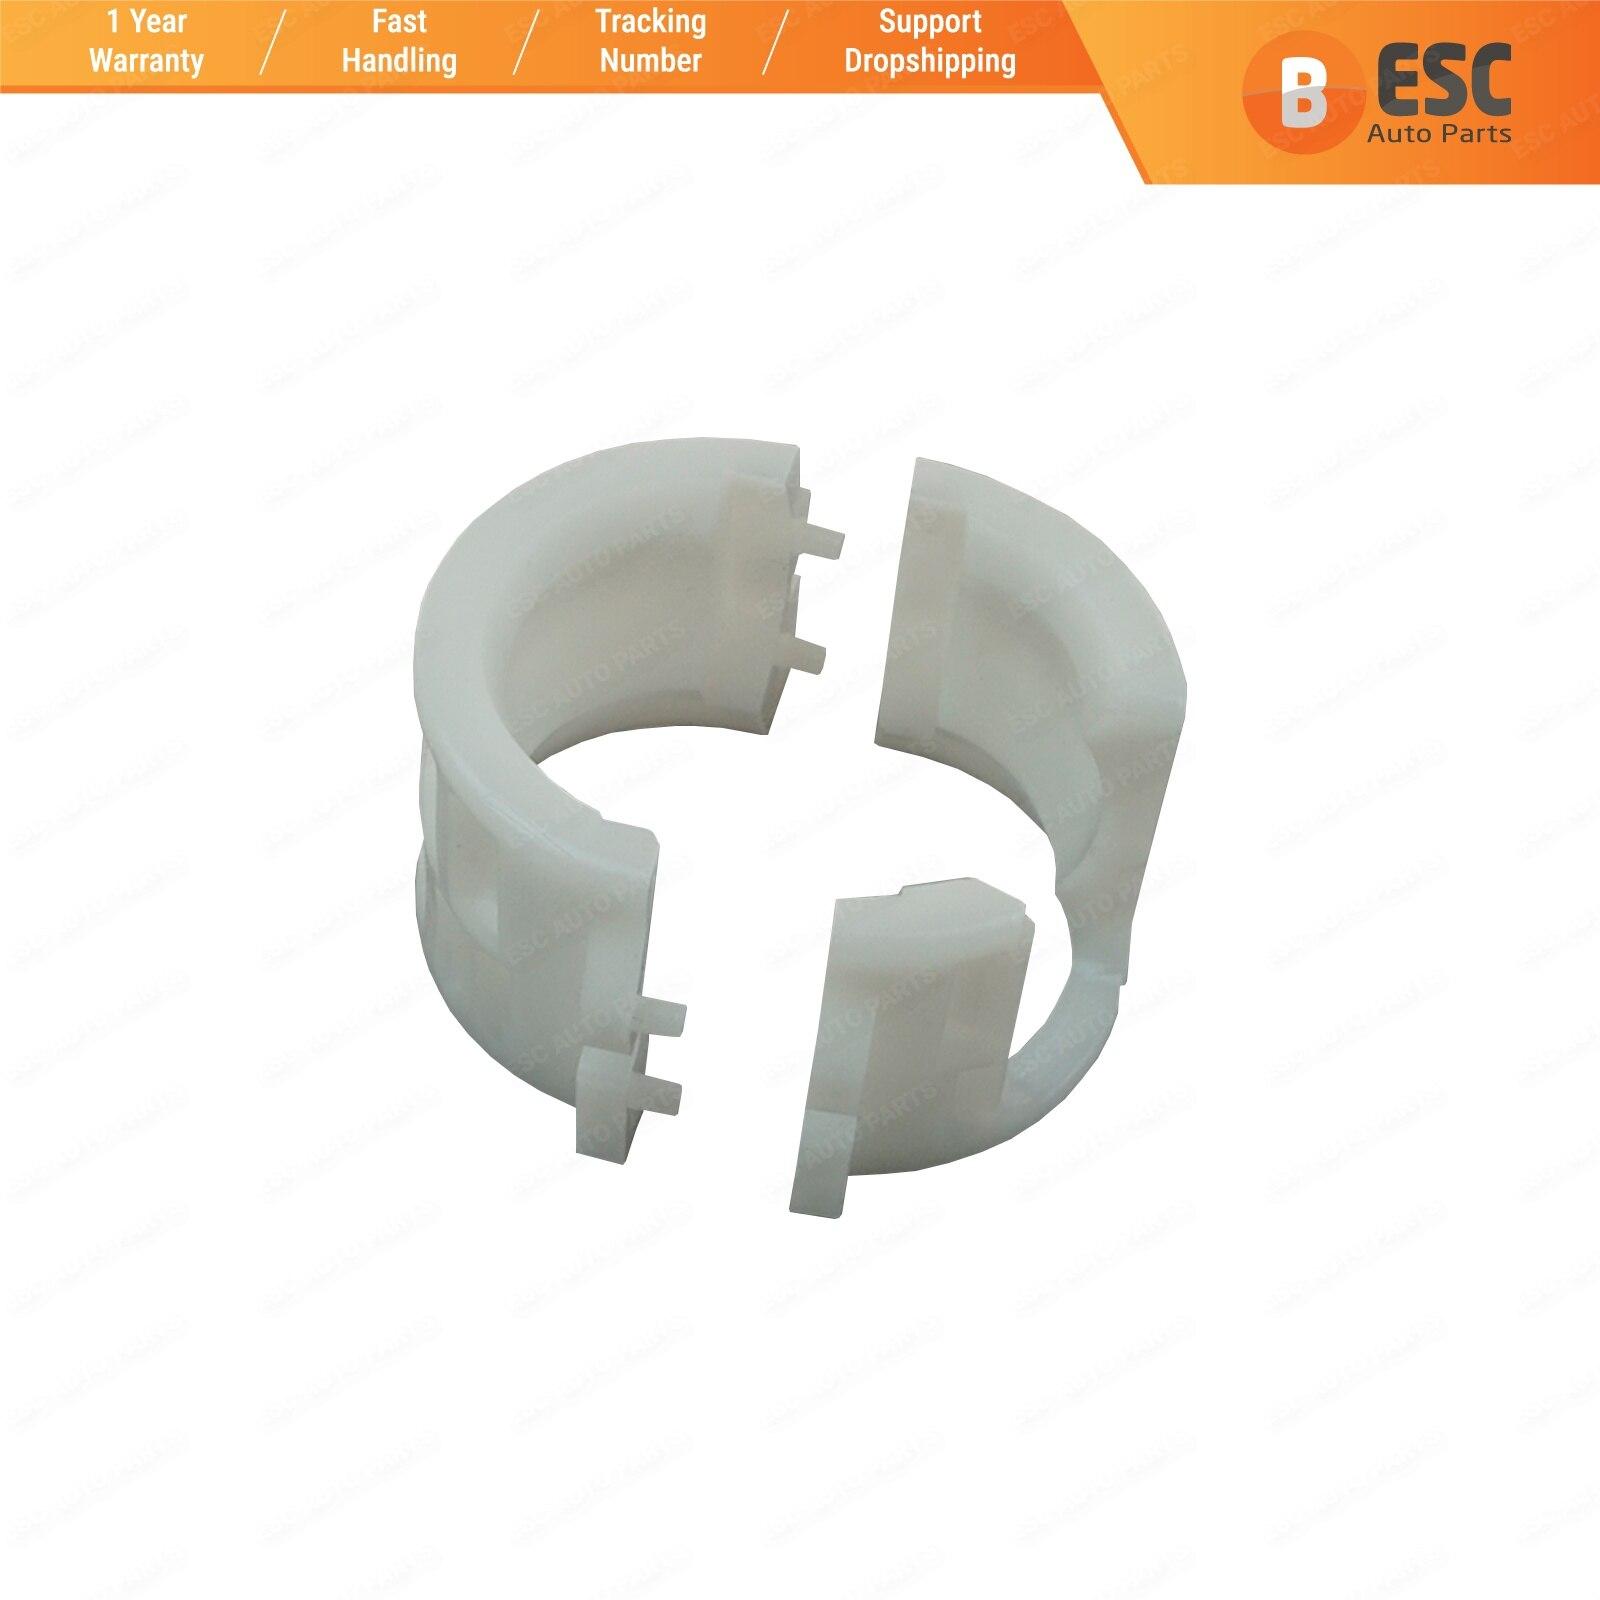 EDP1056 Transmission Drivetrain Gear Selector Shift Stick Lever Bush Repair Set A6392605309 For Mercedes W639 Vito Viano